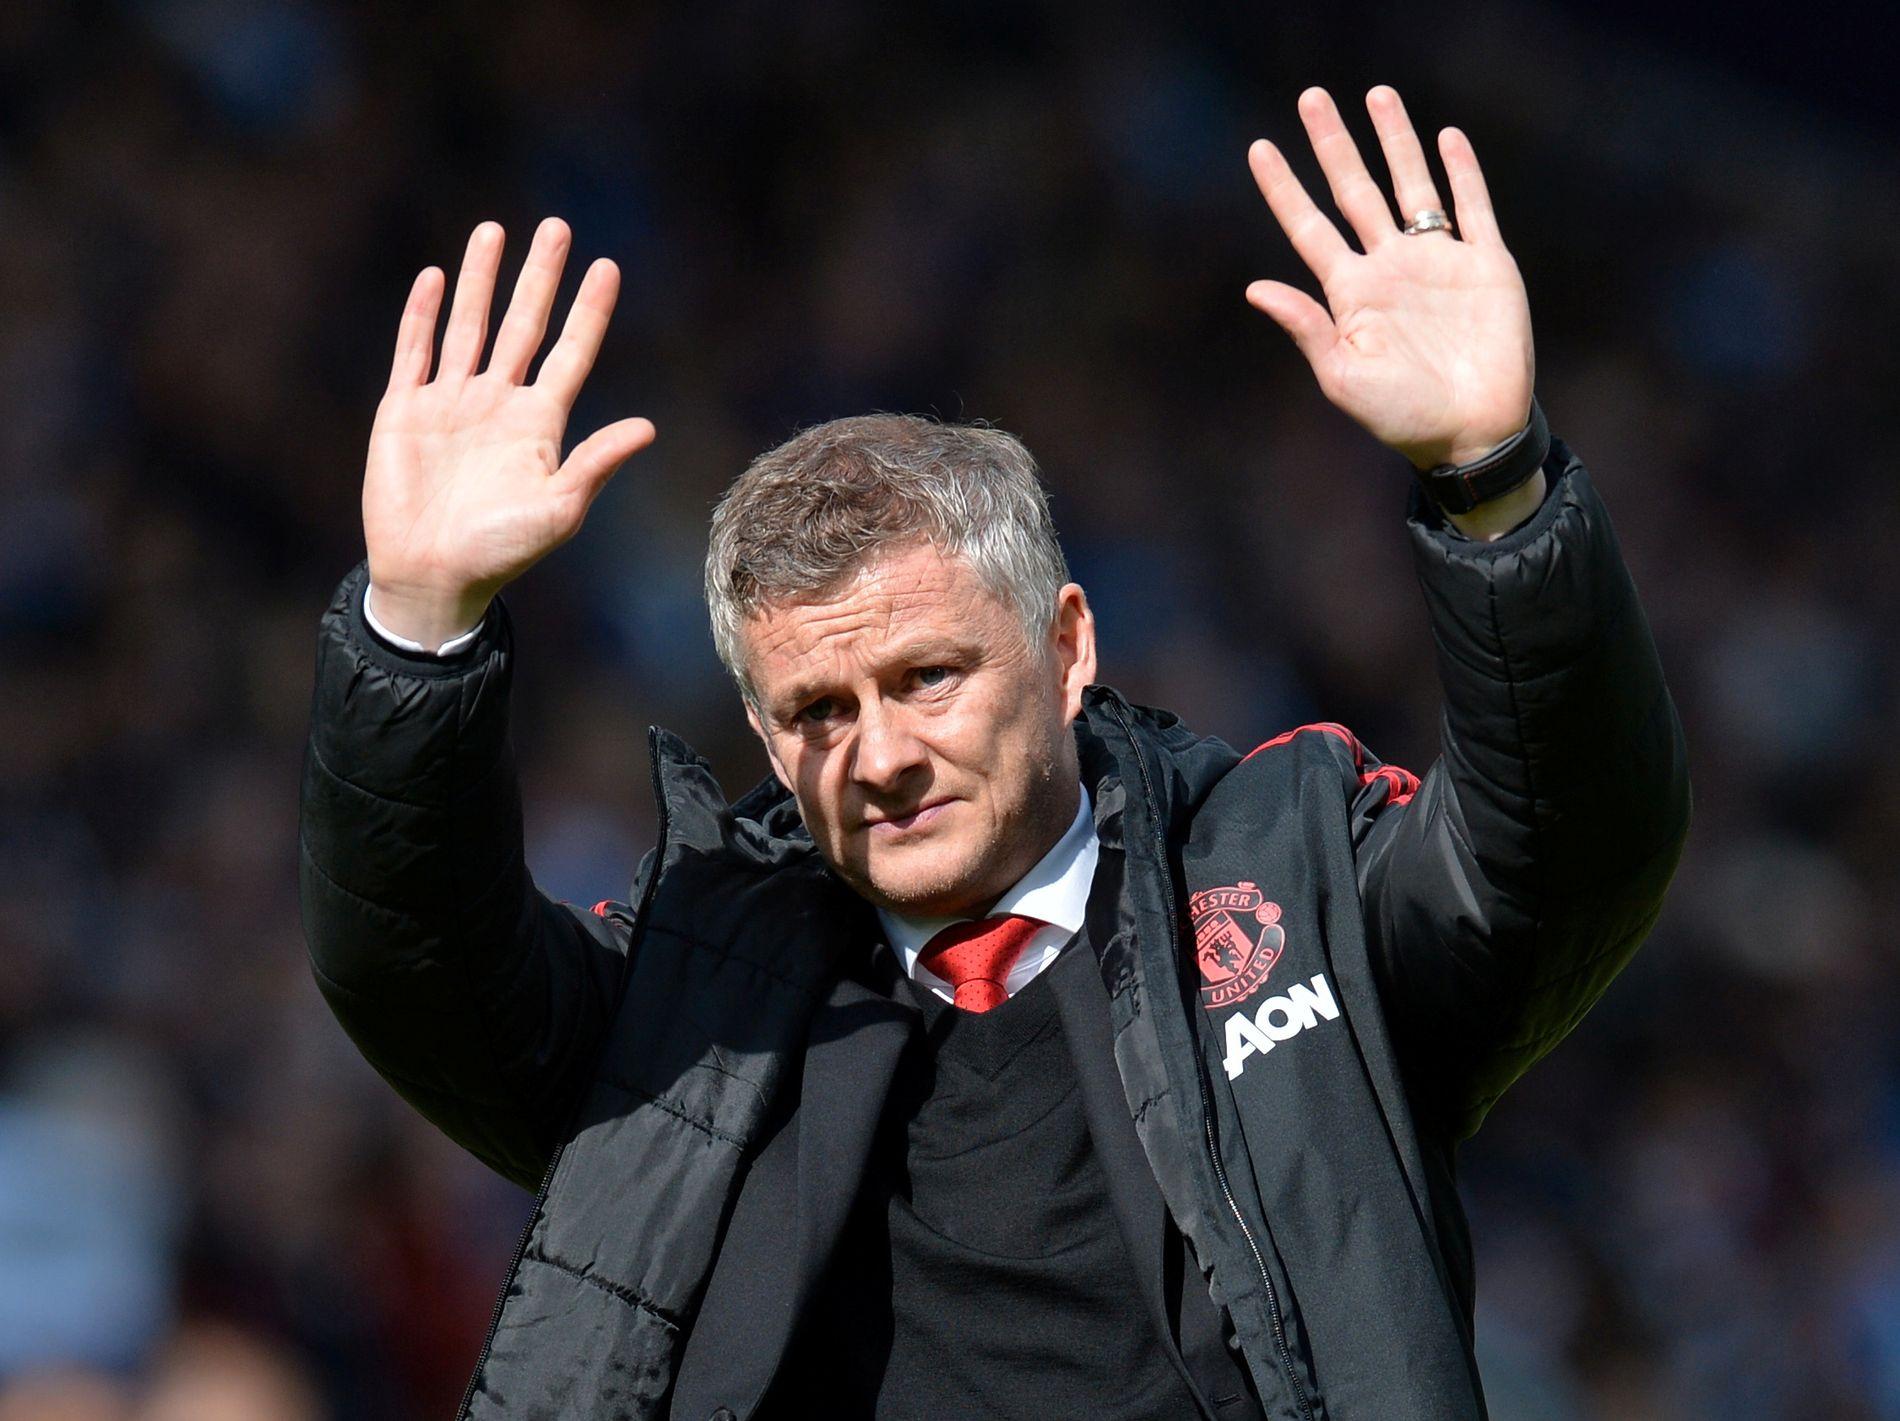 SORRY, FOLKS! Ole Gunnar Solskjær var borte hos Uniteds trofaste supportere, men selv blant dem kunne man merke fortvilelsen etter bare 1–1 mot Huddersfield.